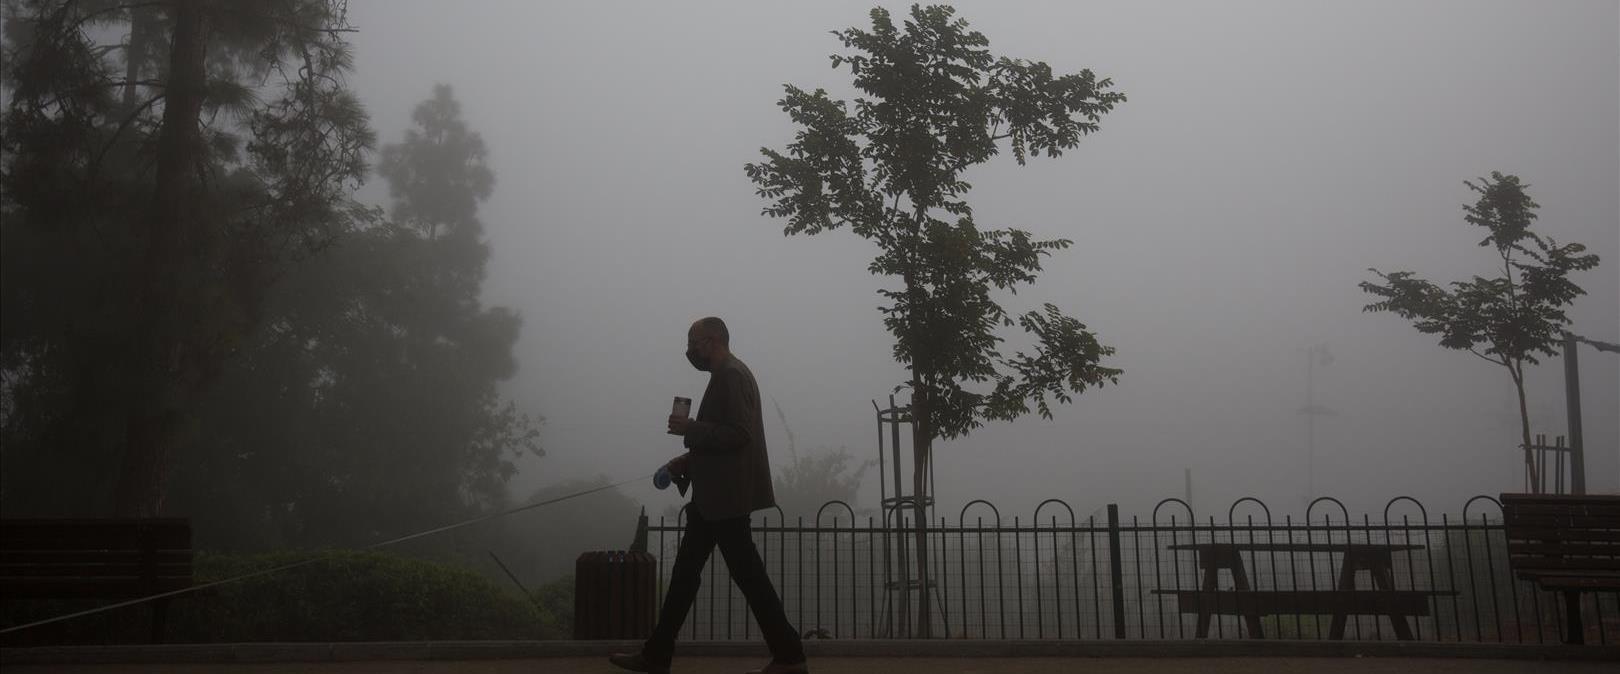 ערפל כבד בתל אביב, אתמול